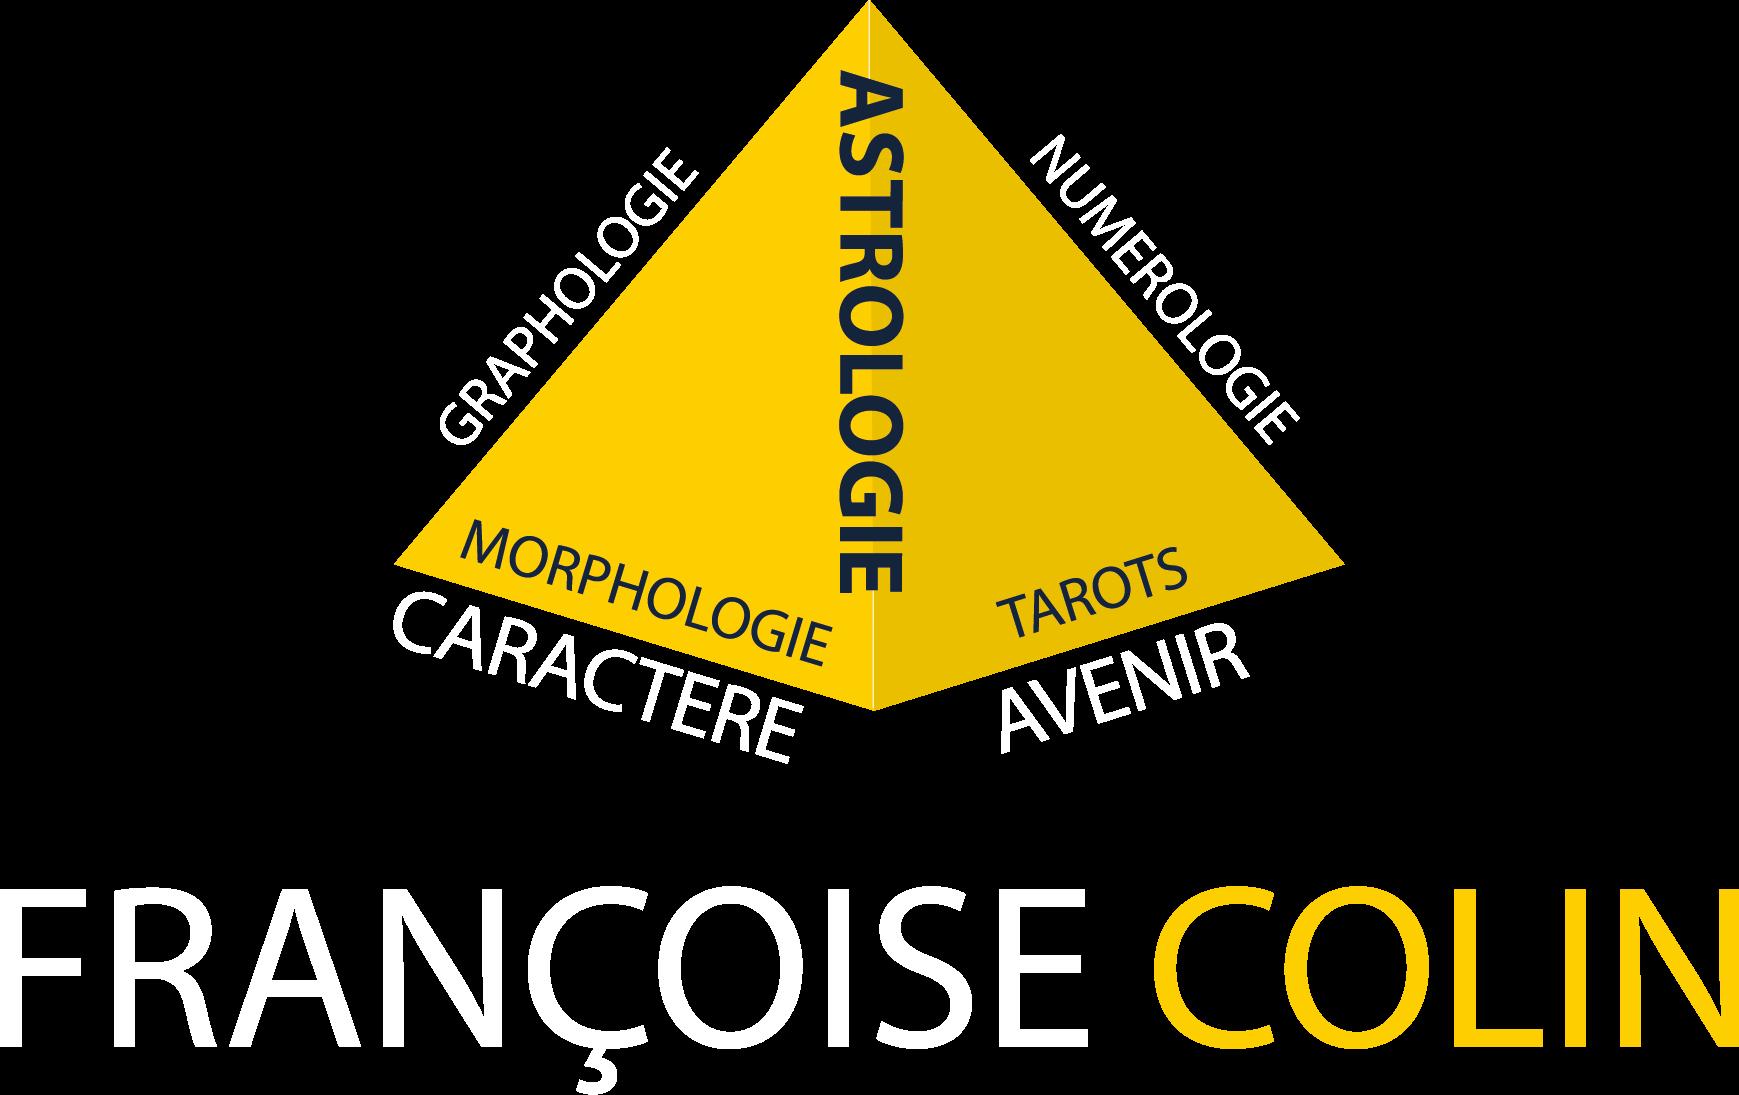 Astrologie Karmique - Voyante Paris   Françoise Colin a7d5ba75c534